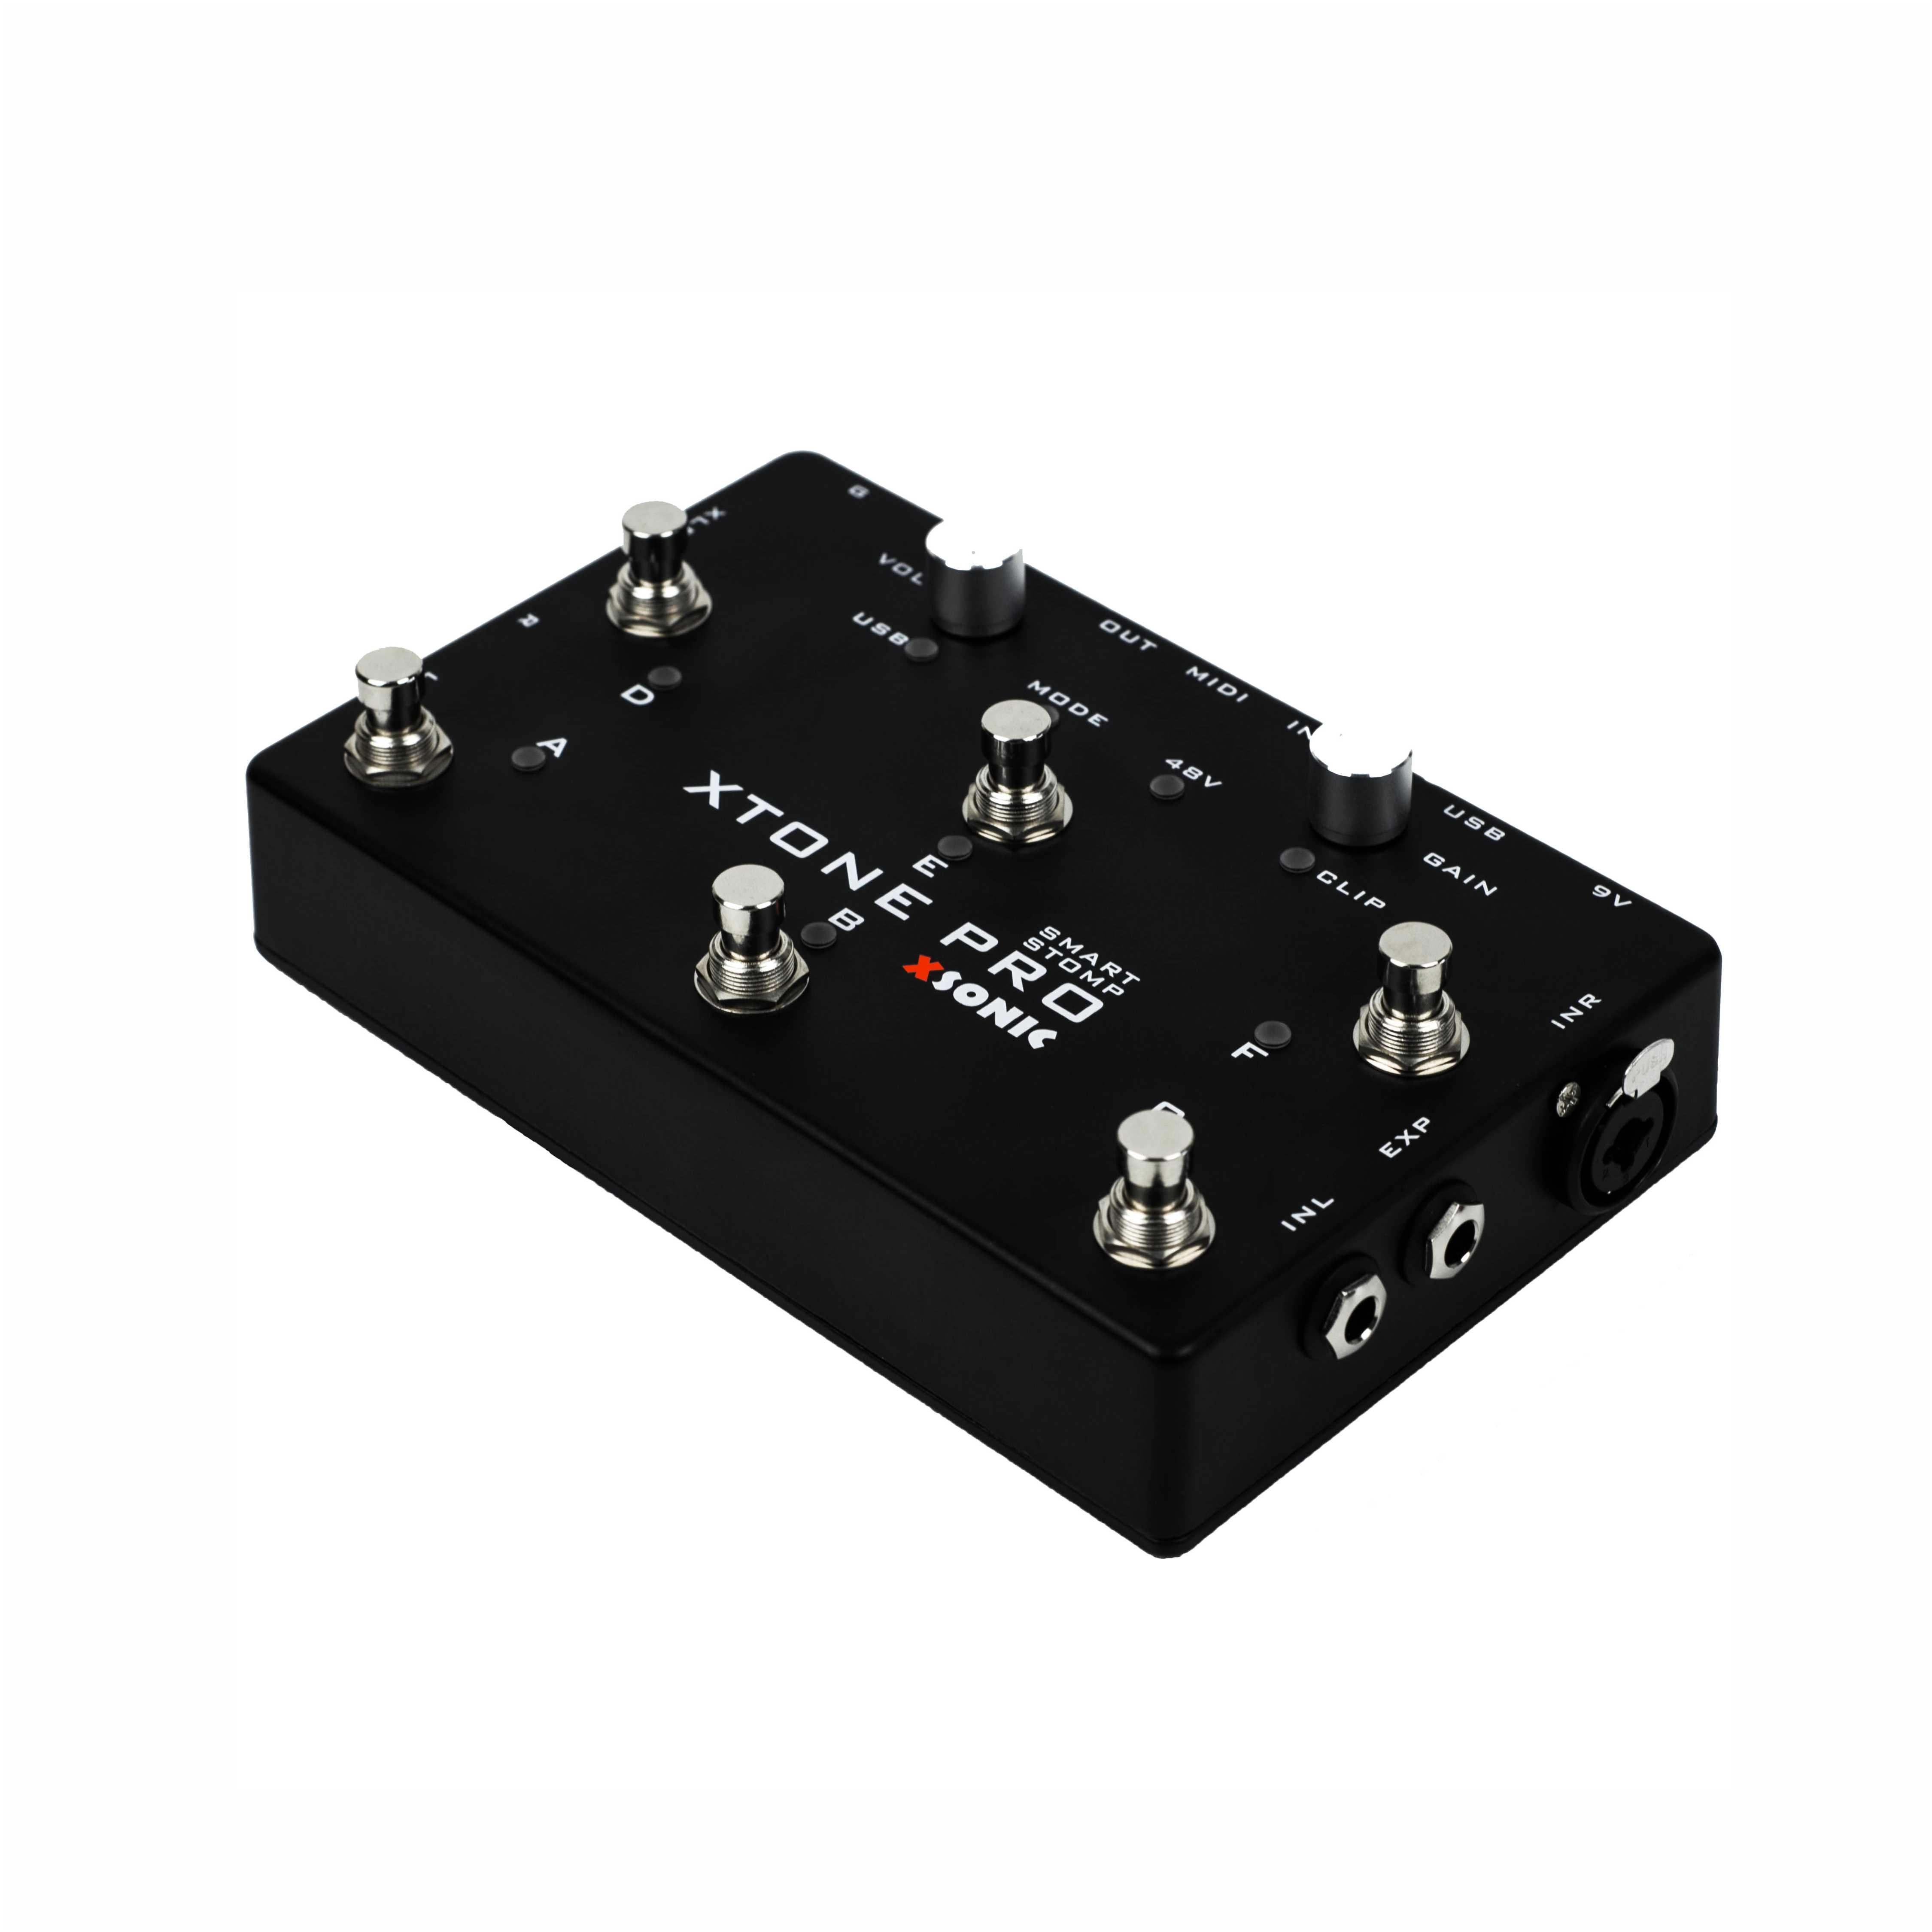 XTONE PRO 192K профессиональный мобильный аудио интерфейс с MIDI контроллером для iphone/ipad/PC/MAC и ультра низкой задержкой